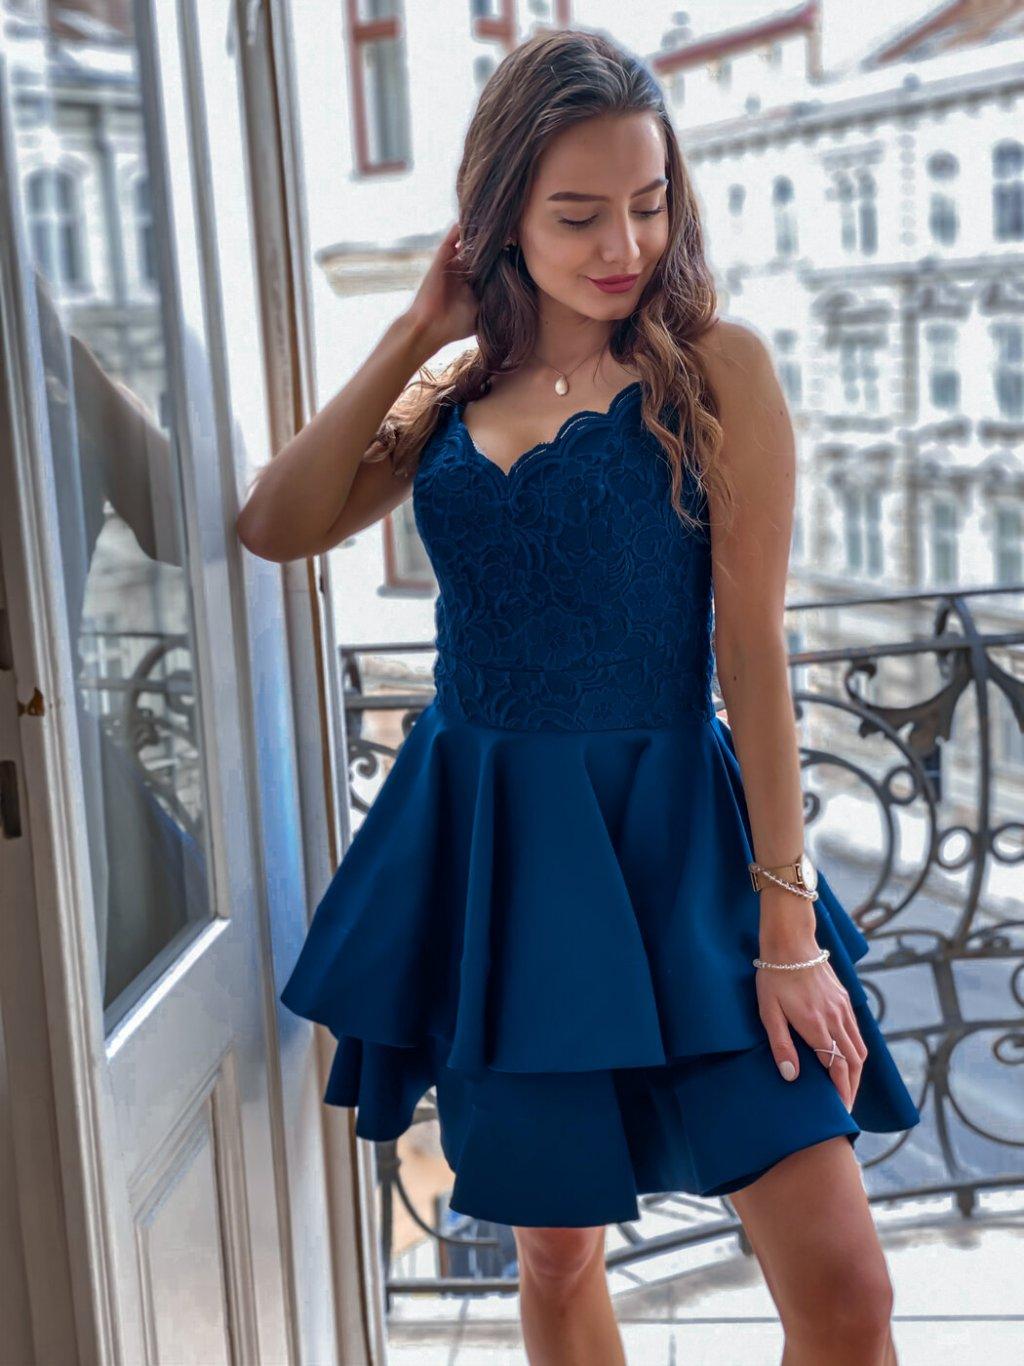 -Dámské šaty Genny Temně modrá,XS/S